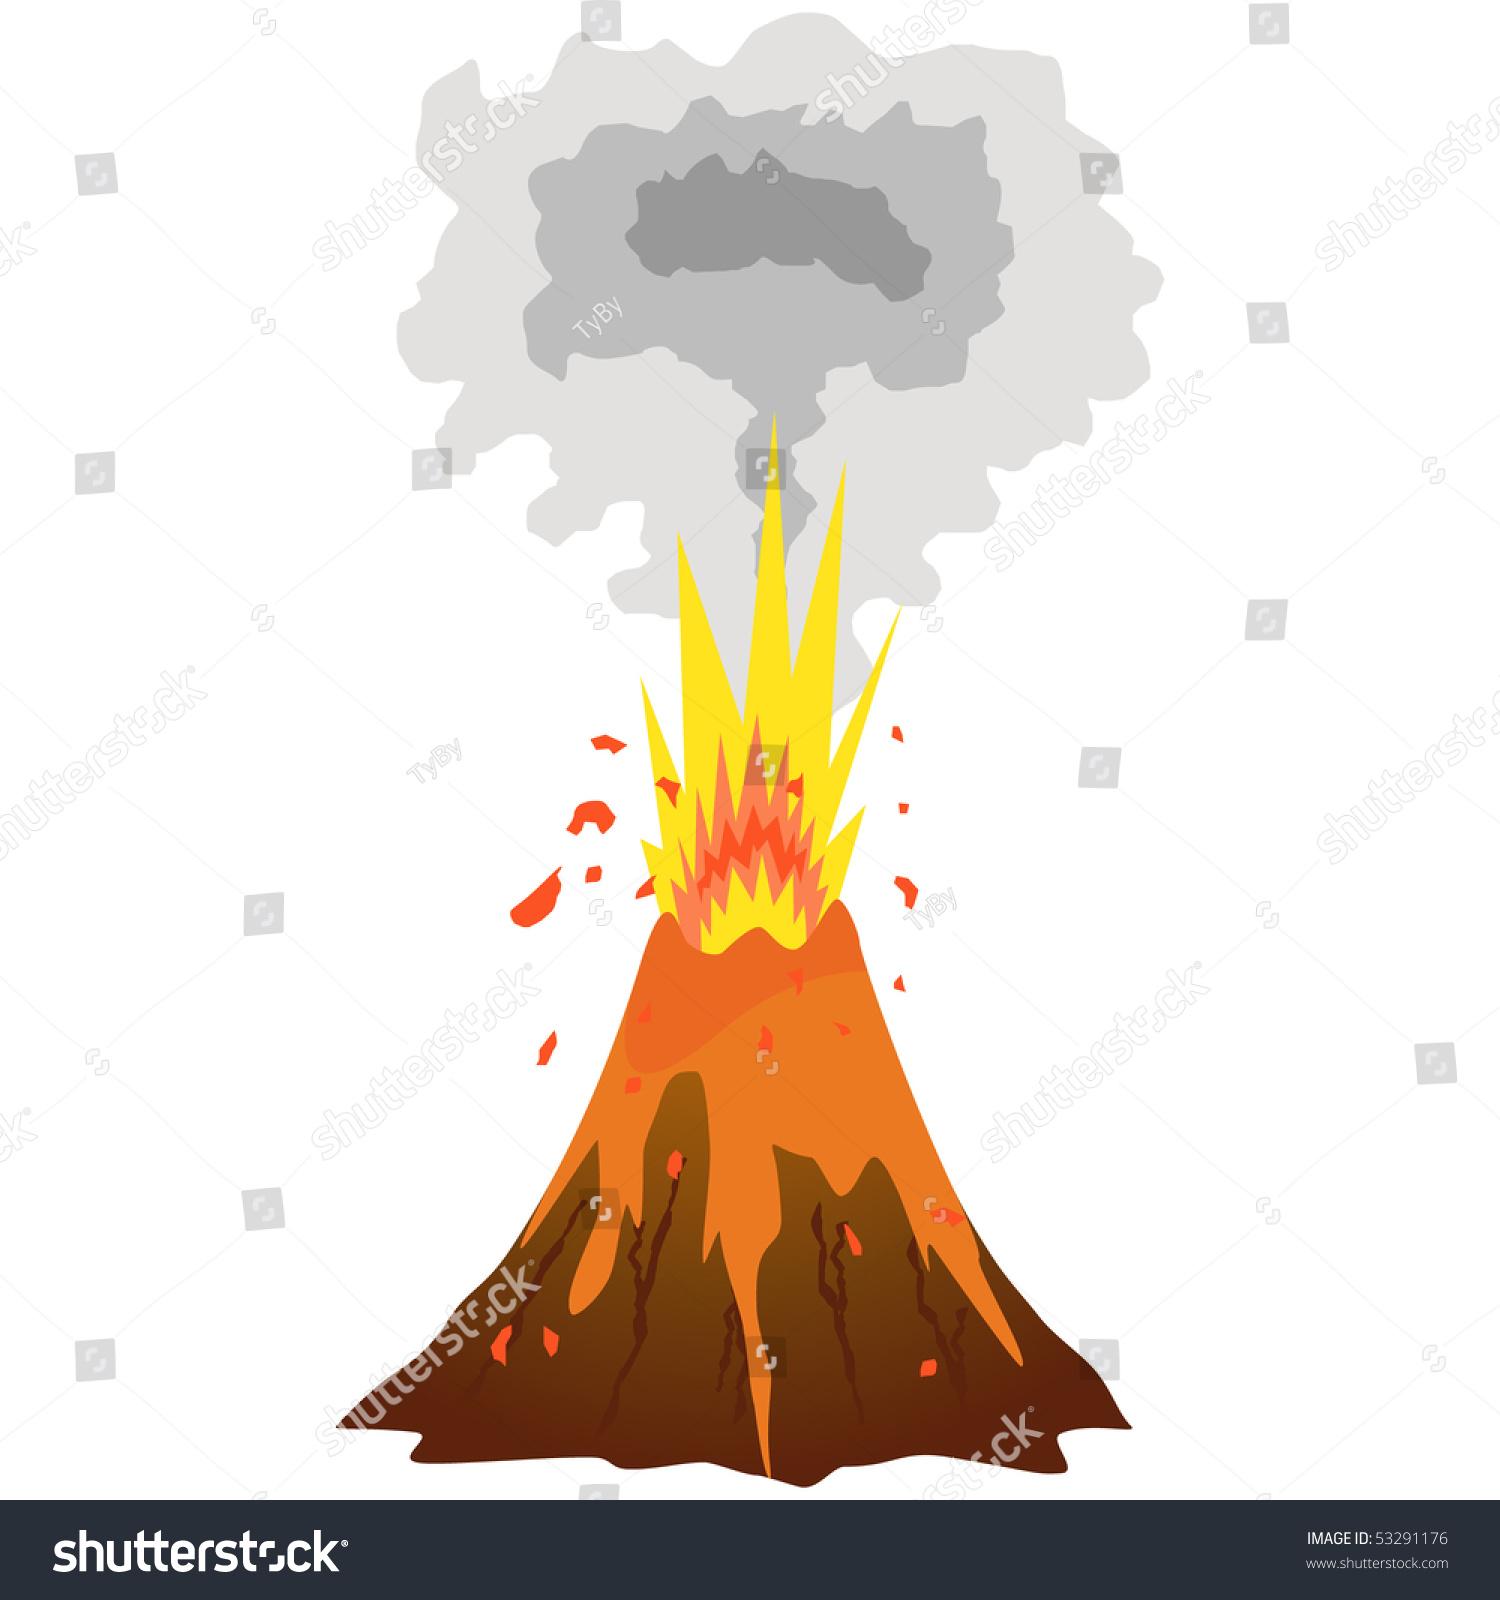 ... Clipart volcano eruption stock vectors & vector clip art shutterstock